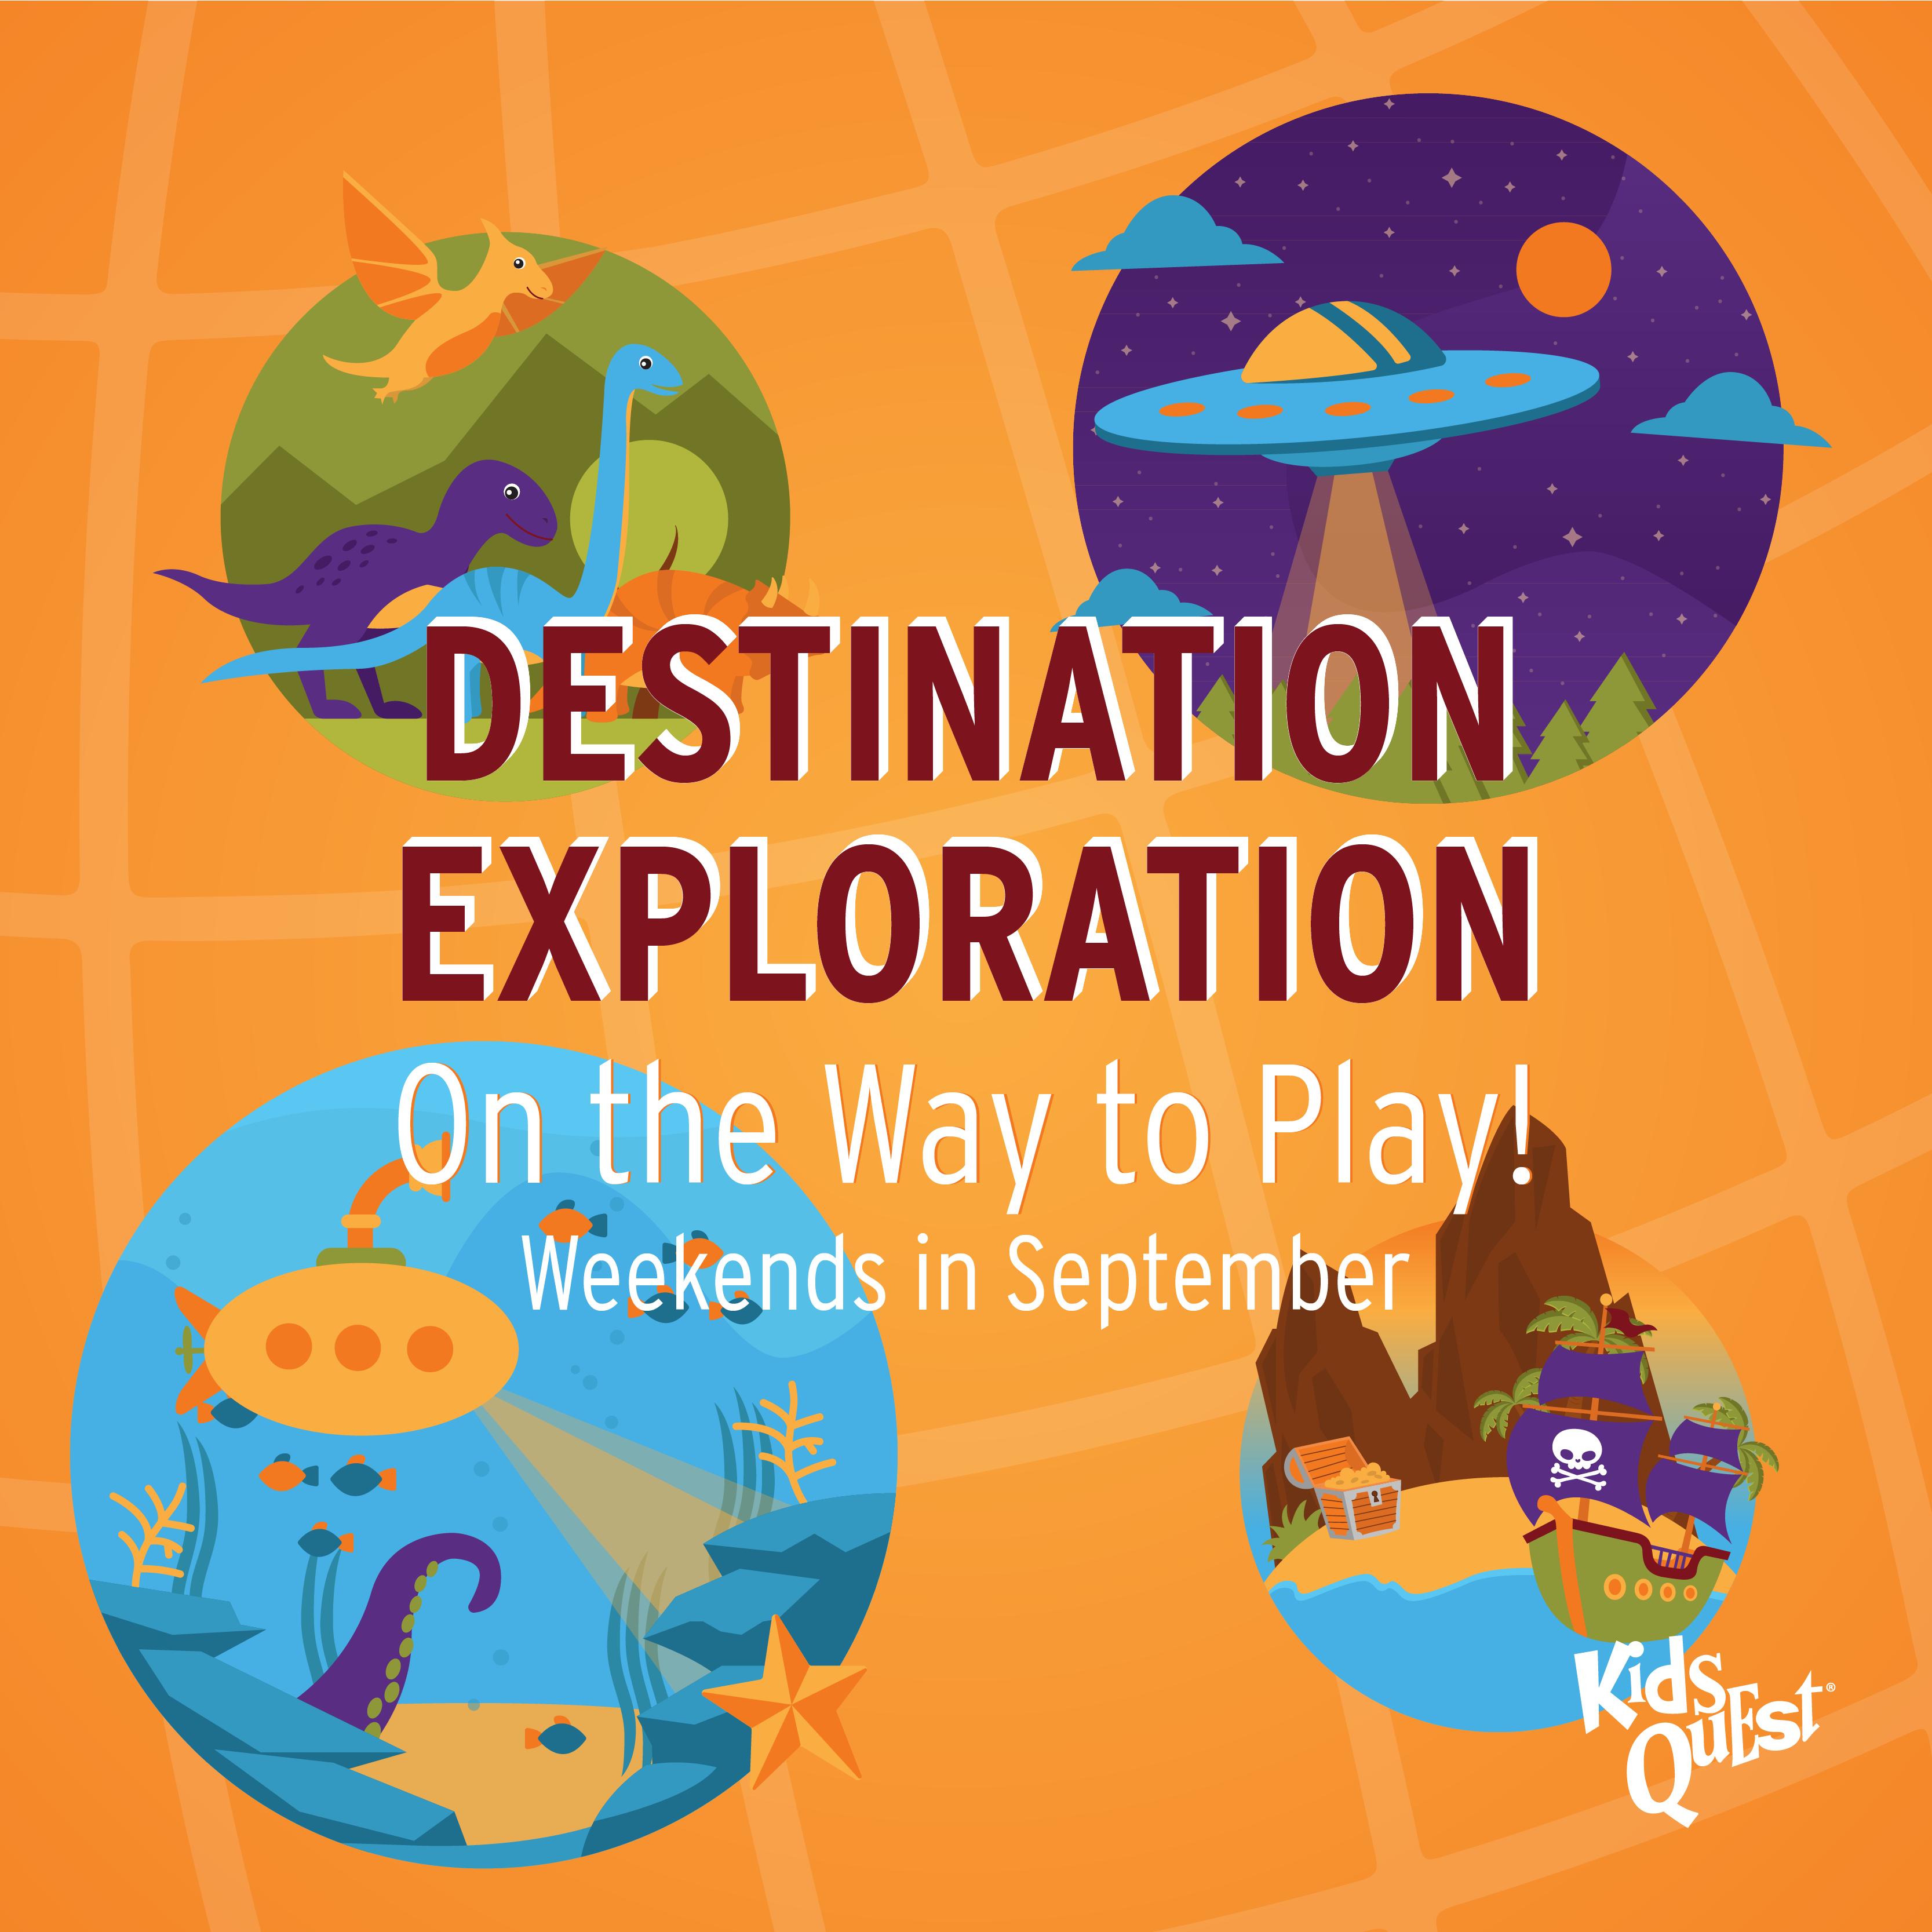 Destination Exploration